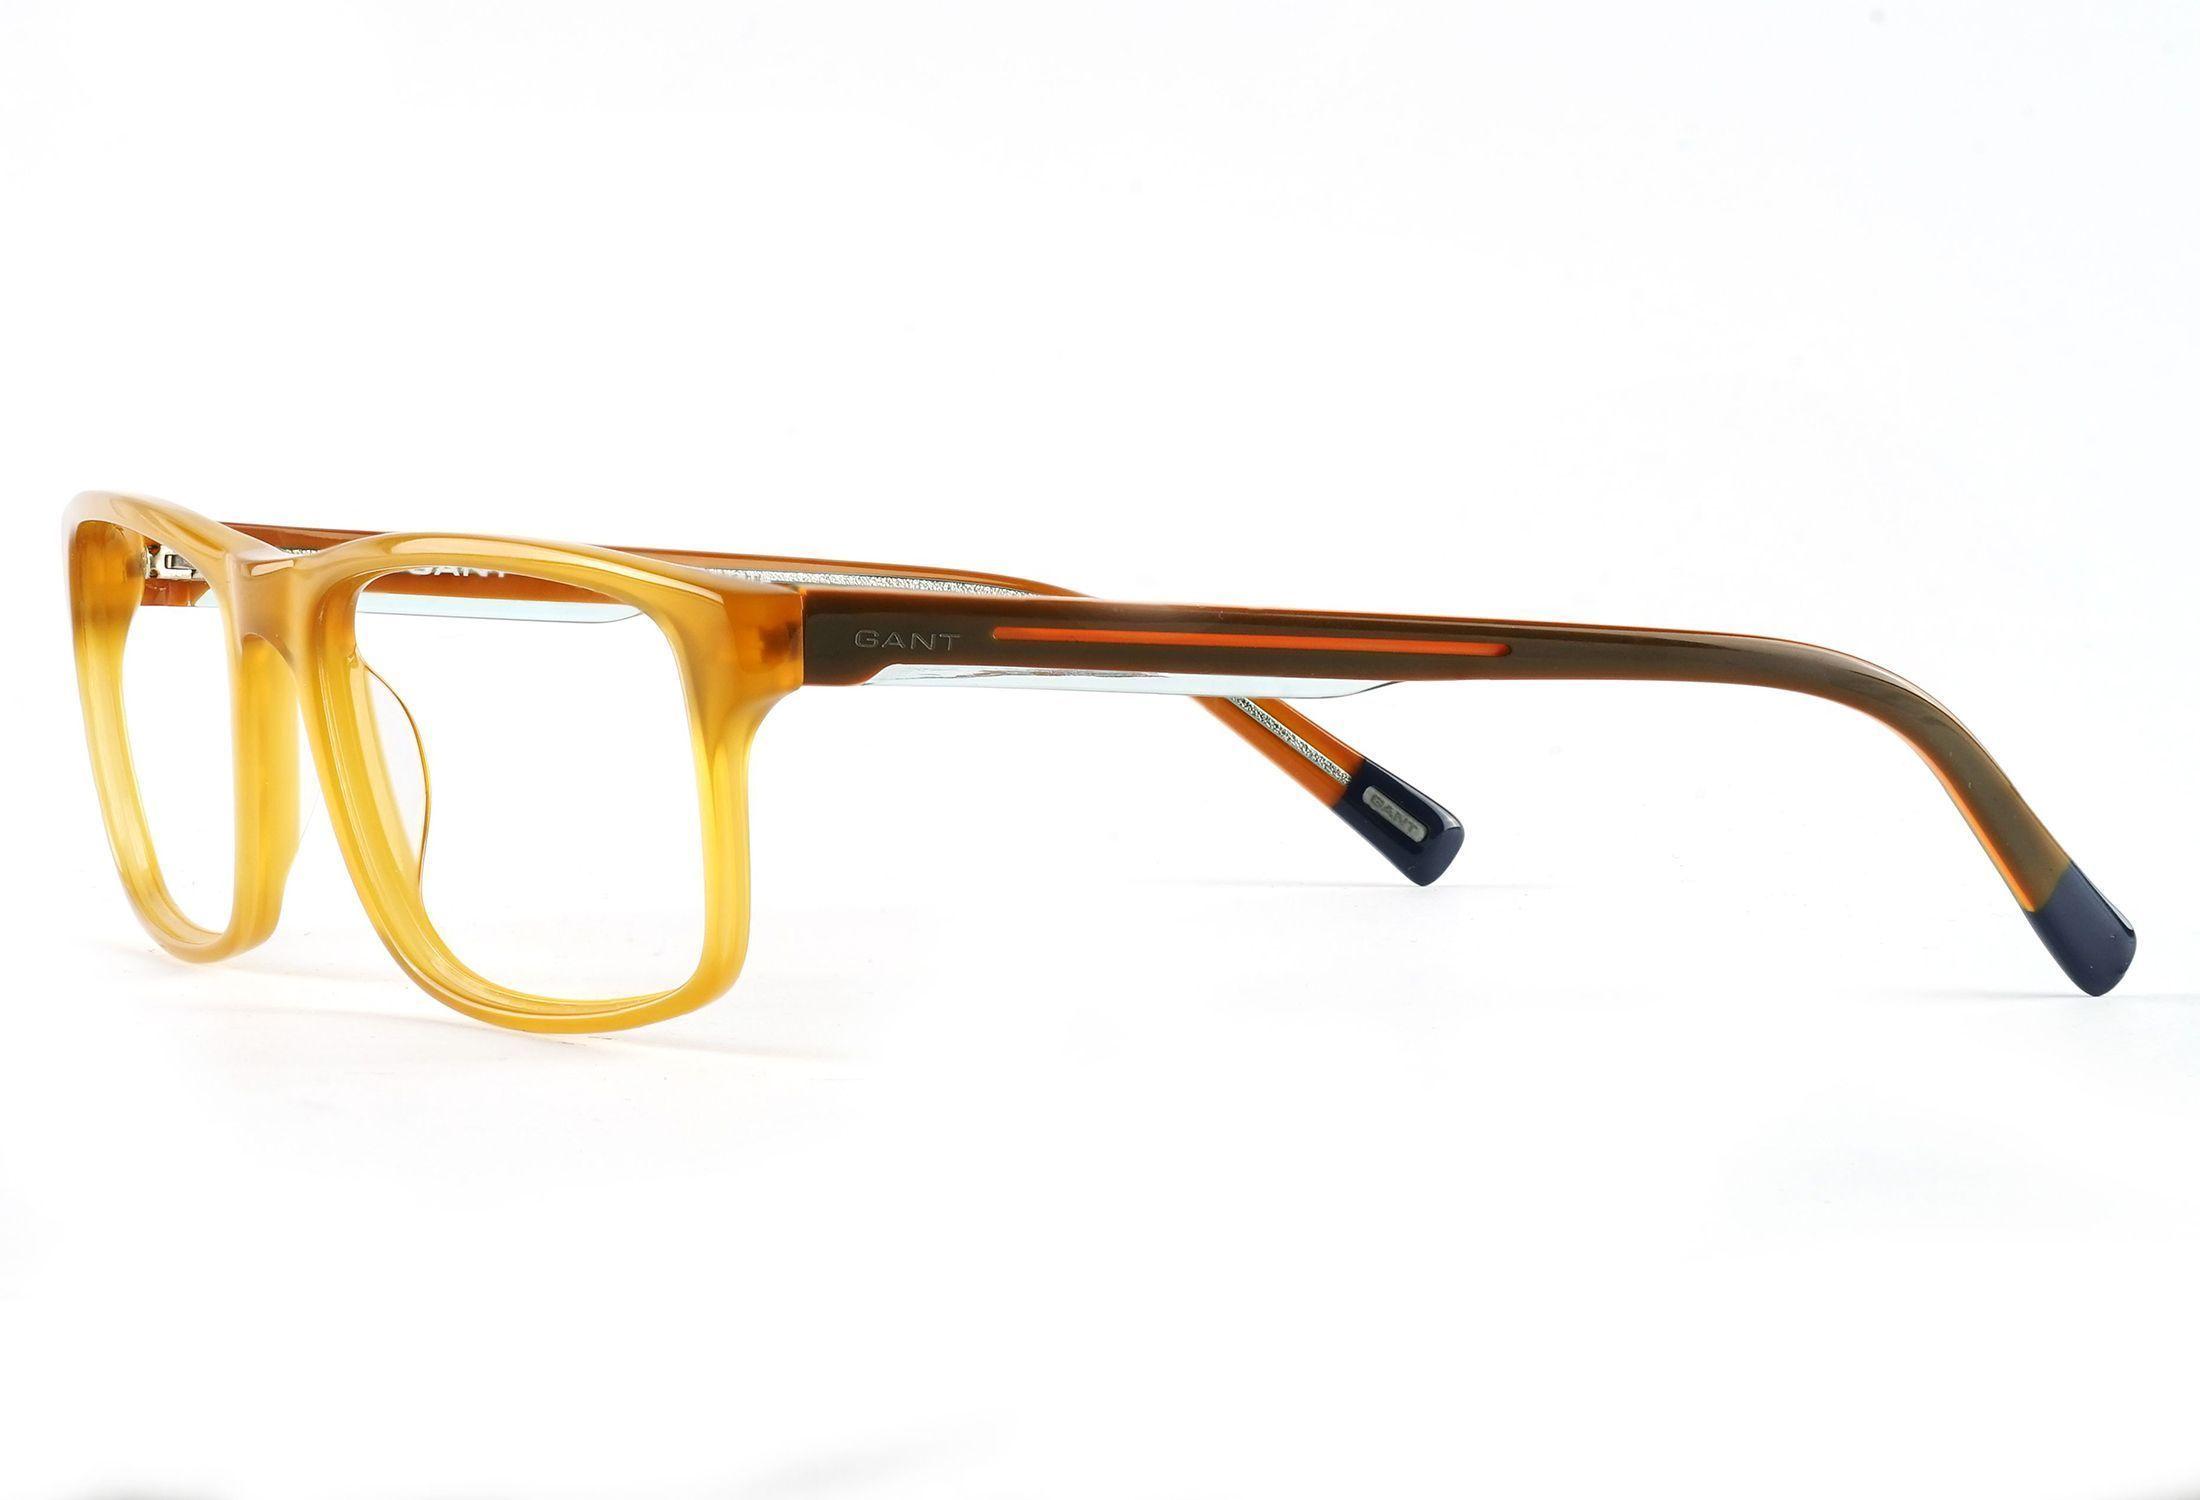 7efdacb15ddc Gant ga3053 eyeglasses